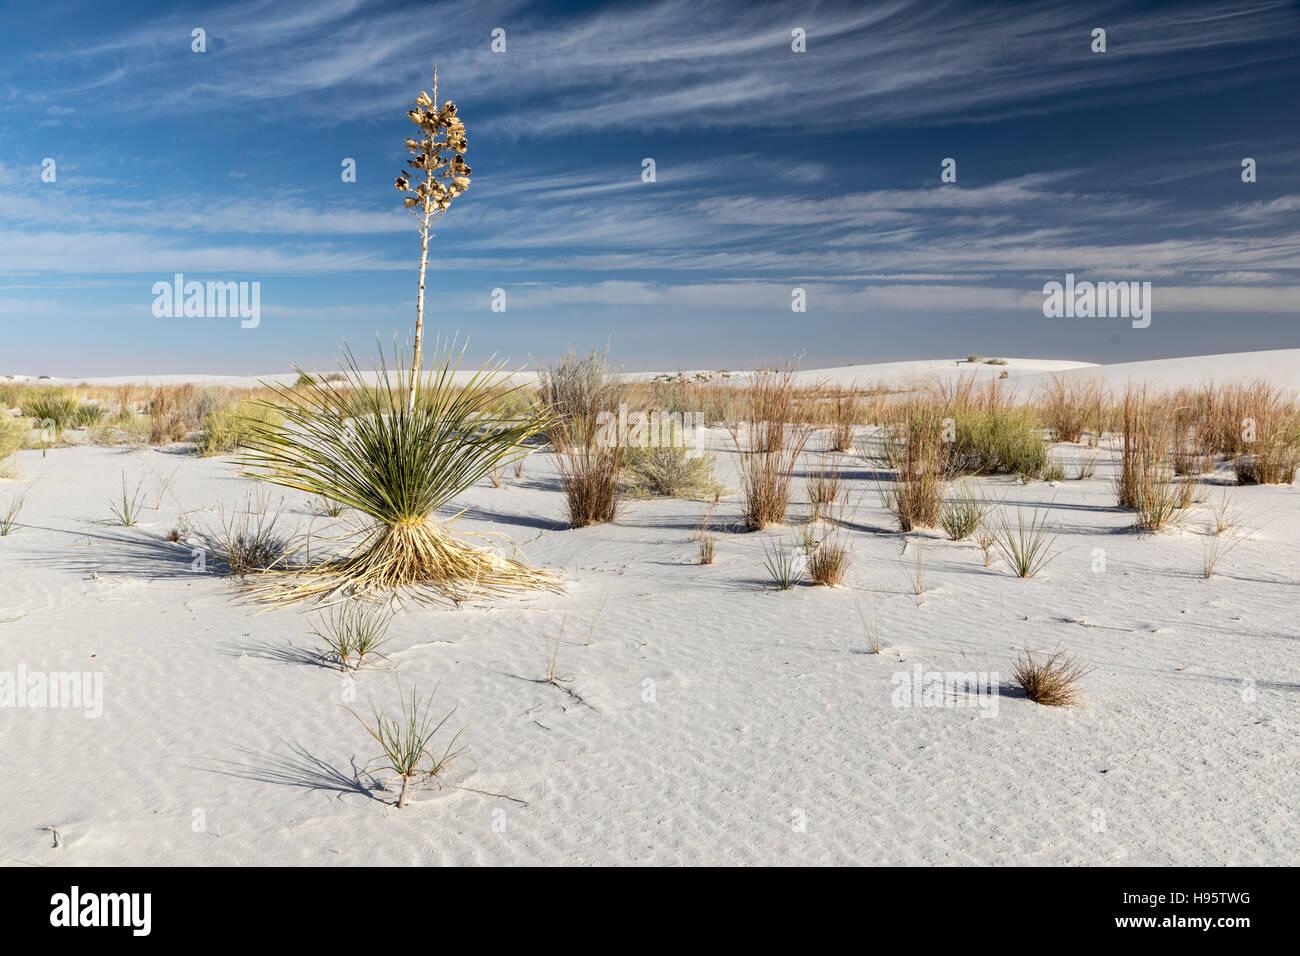 Le dune di sabbia e piante di yucca a White Sands National Monument vicino a Alamogordo, Nuovo Messico, STATI UNITI Immagini Stock